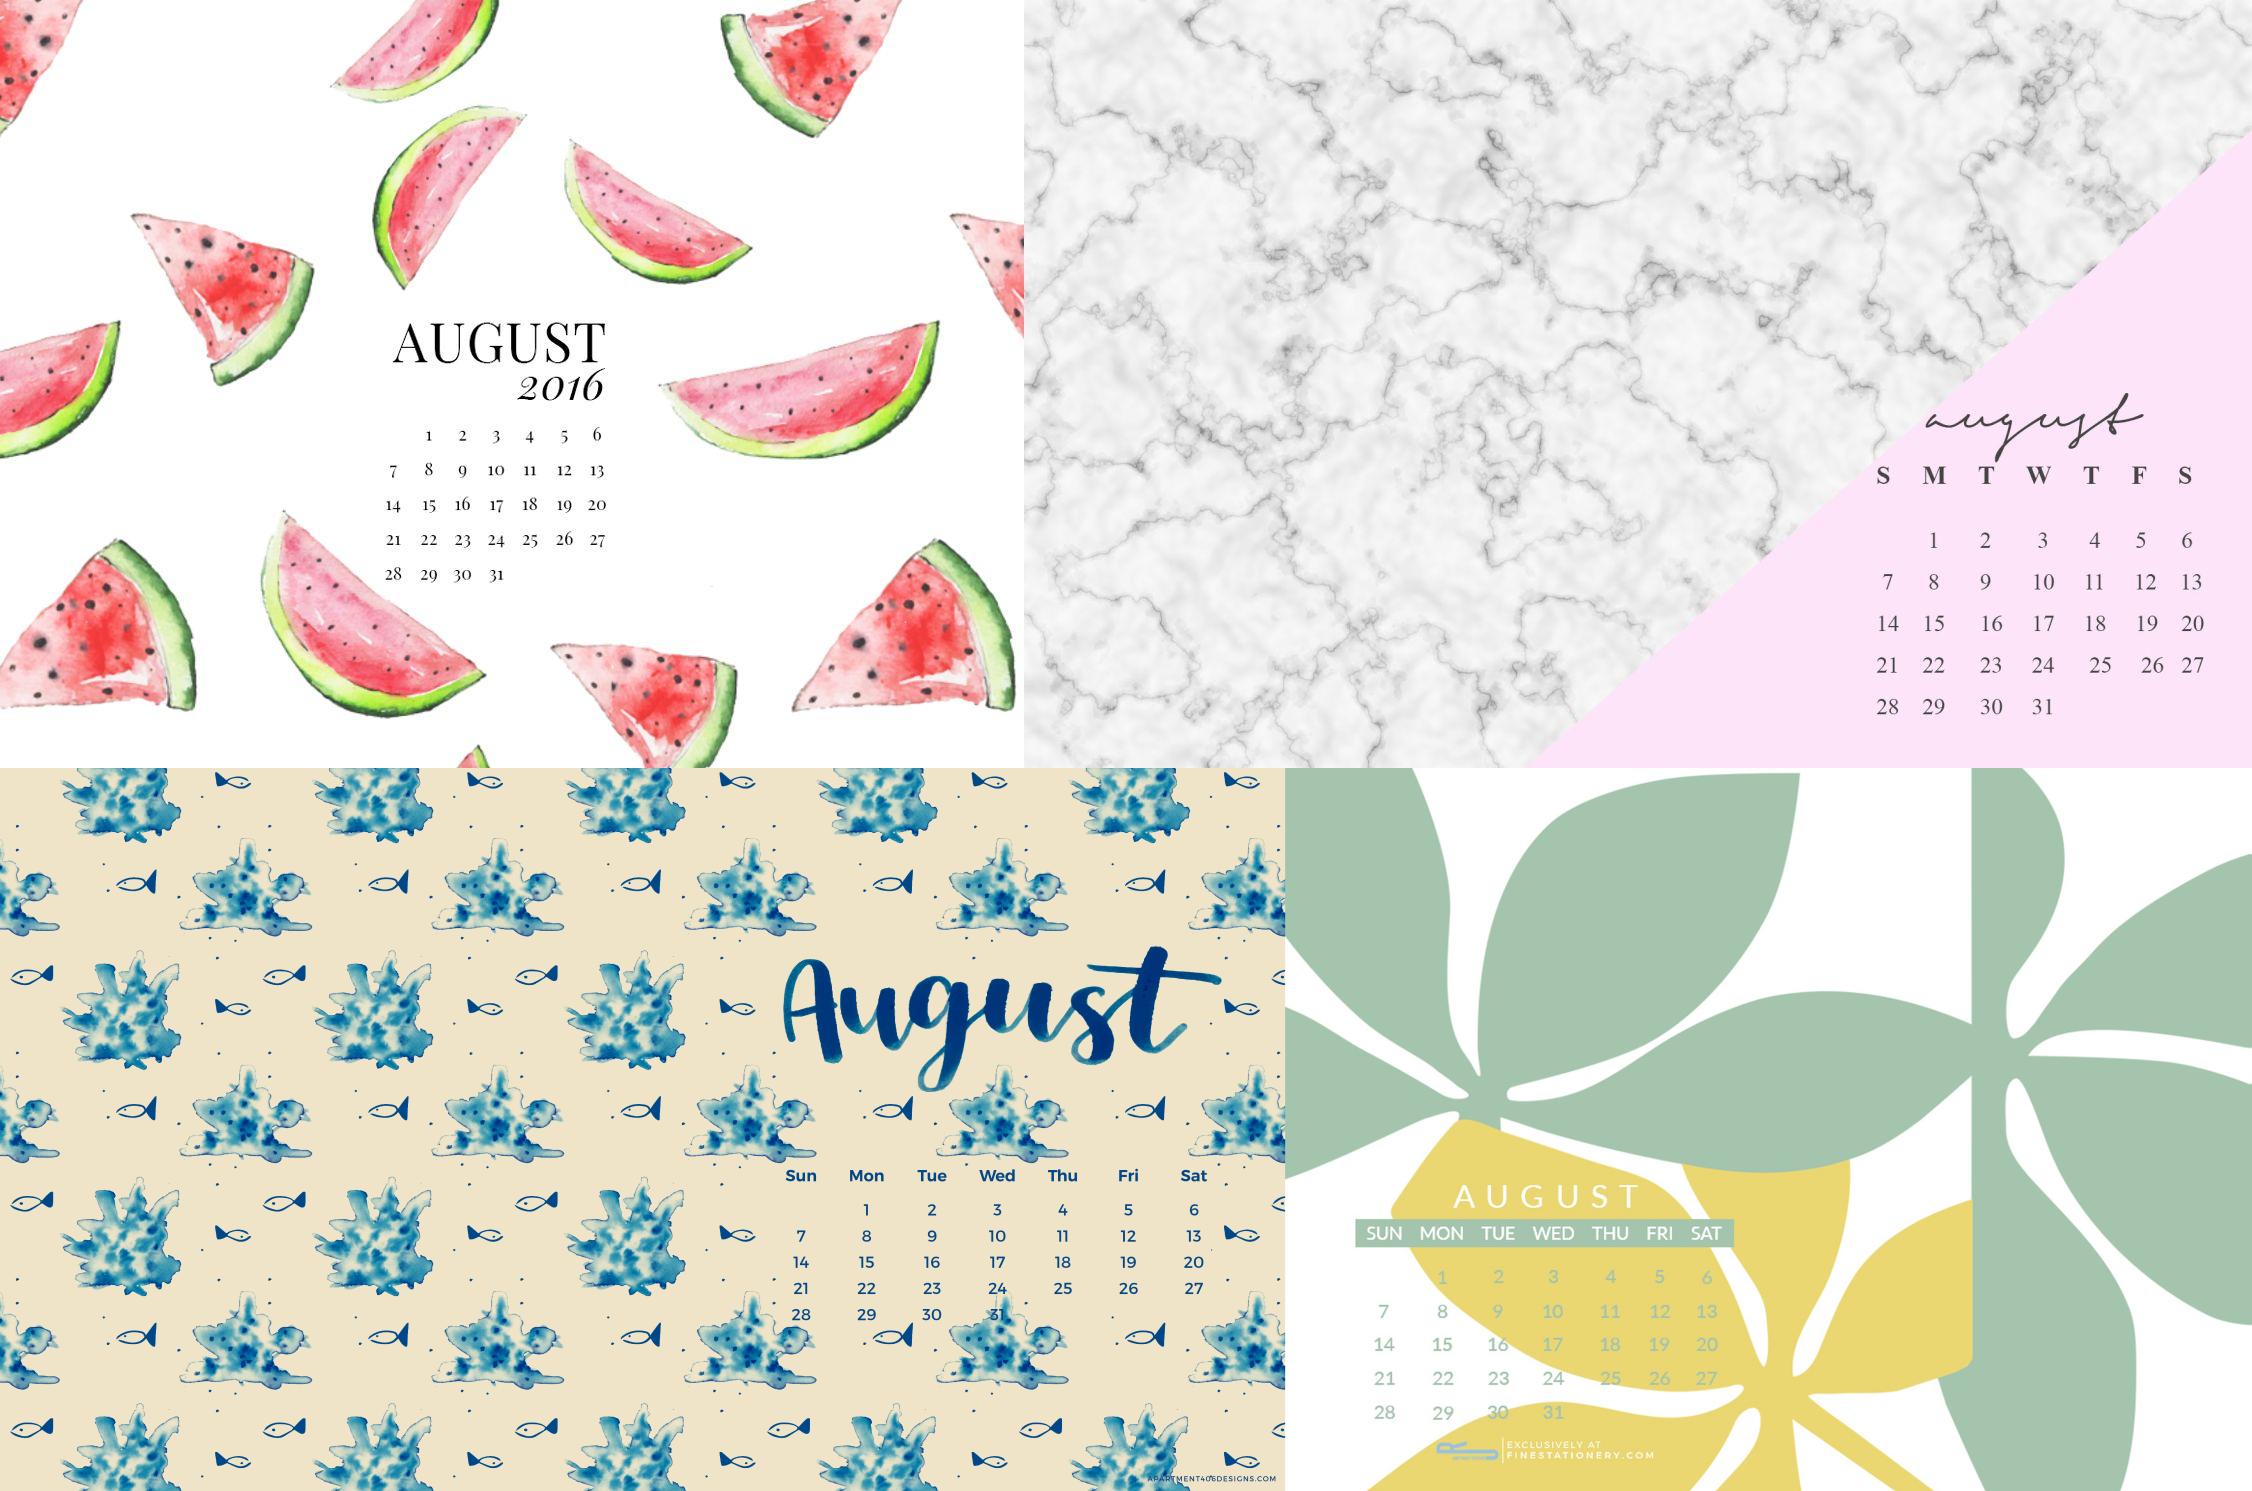 august wallpaper calendar of - photo #22